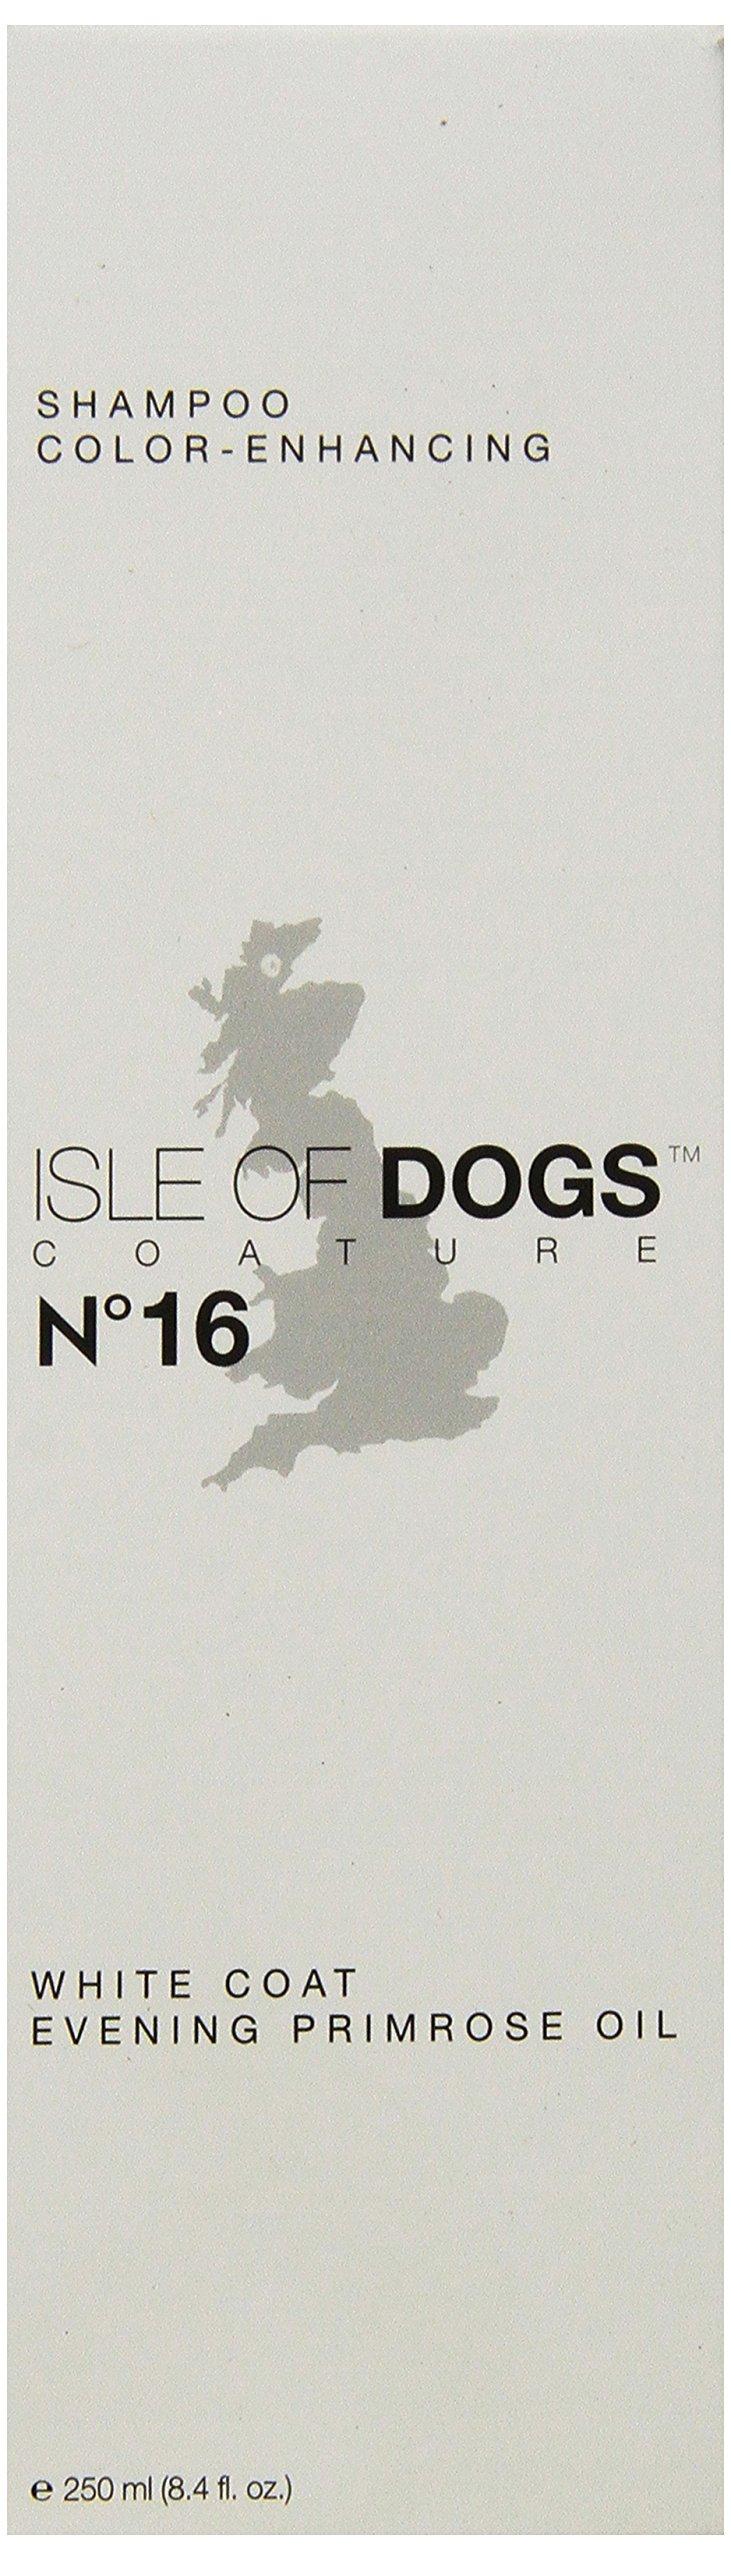 Isle of Dogs Coature No.16 White Coat Evening Primrose Oil Dog Shampoo 8.4 oz.